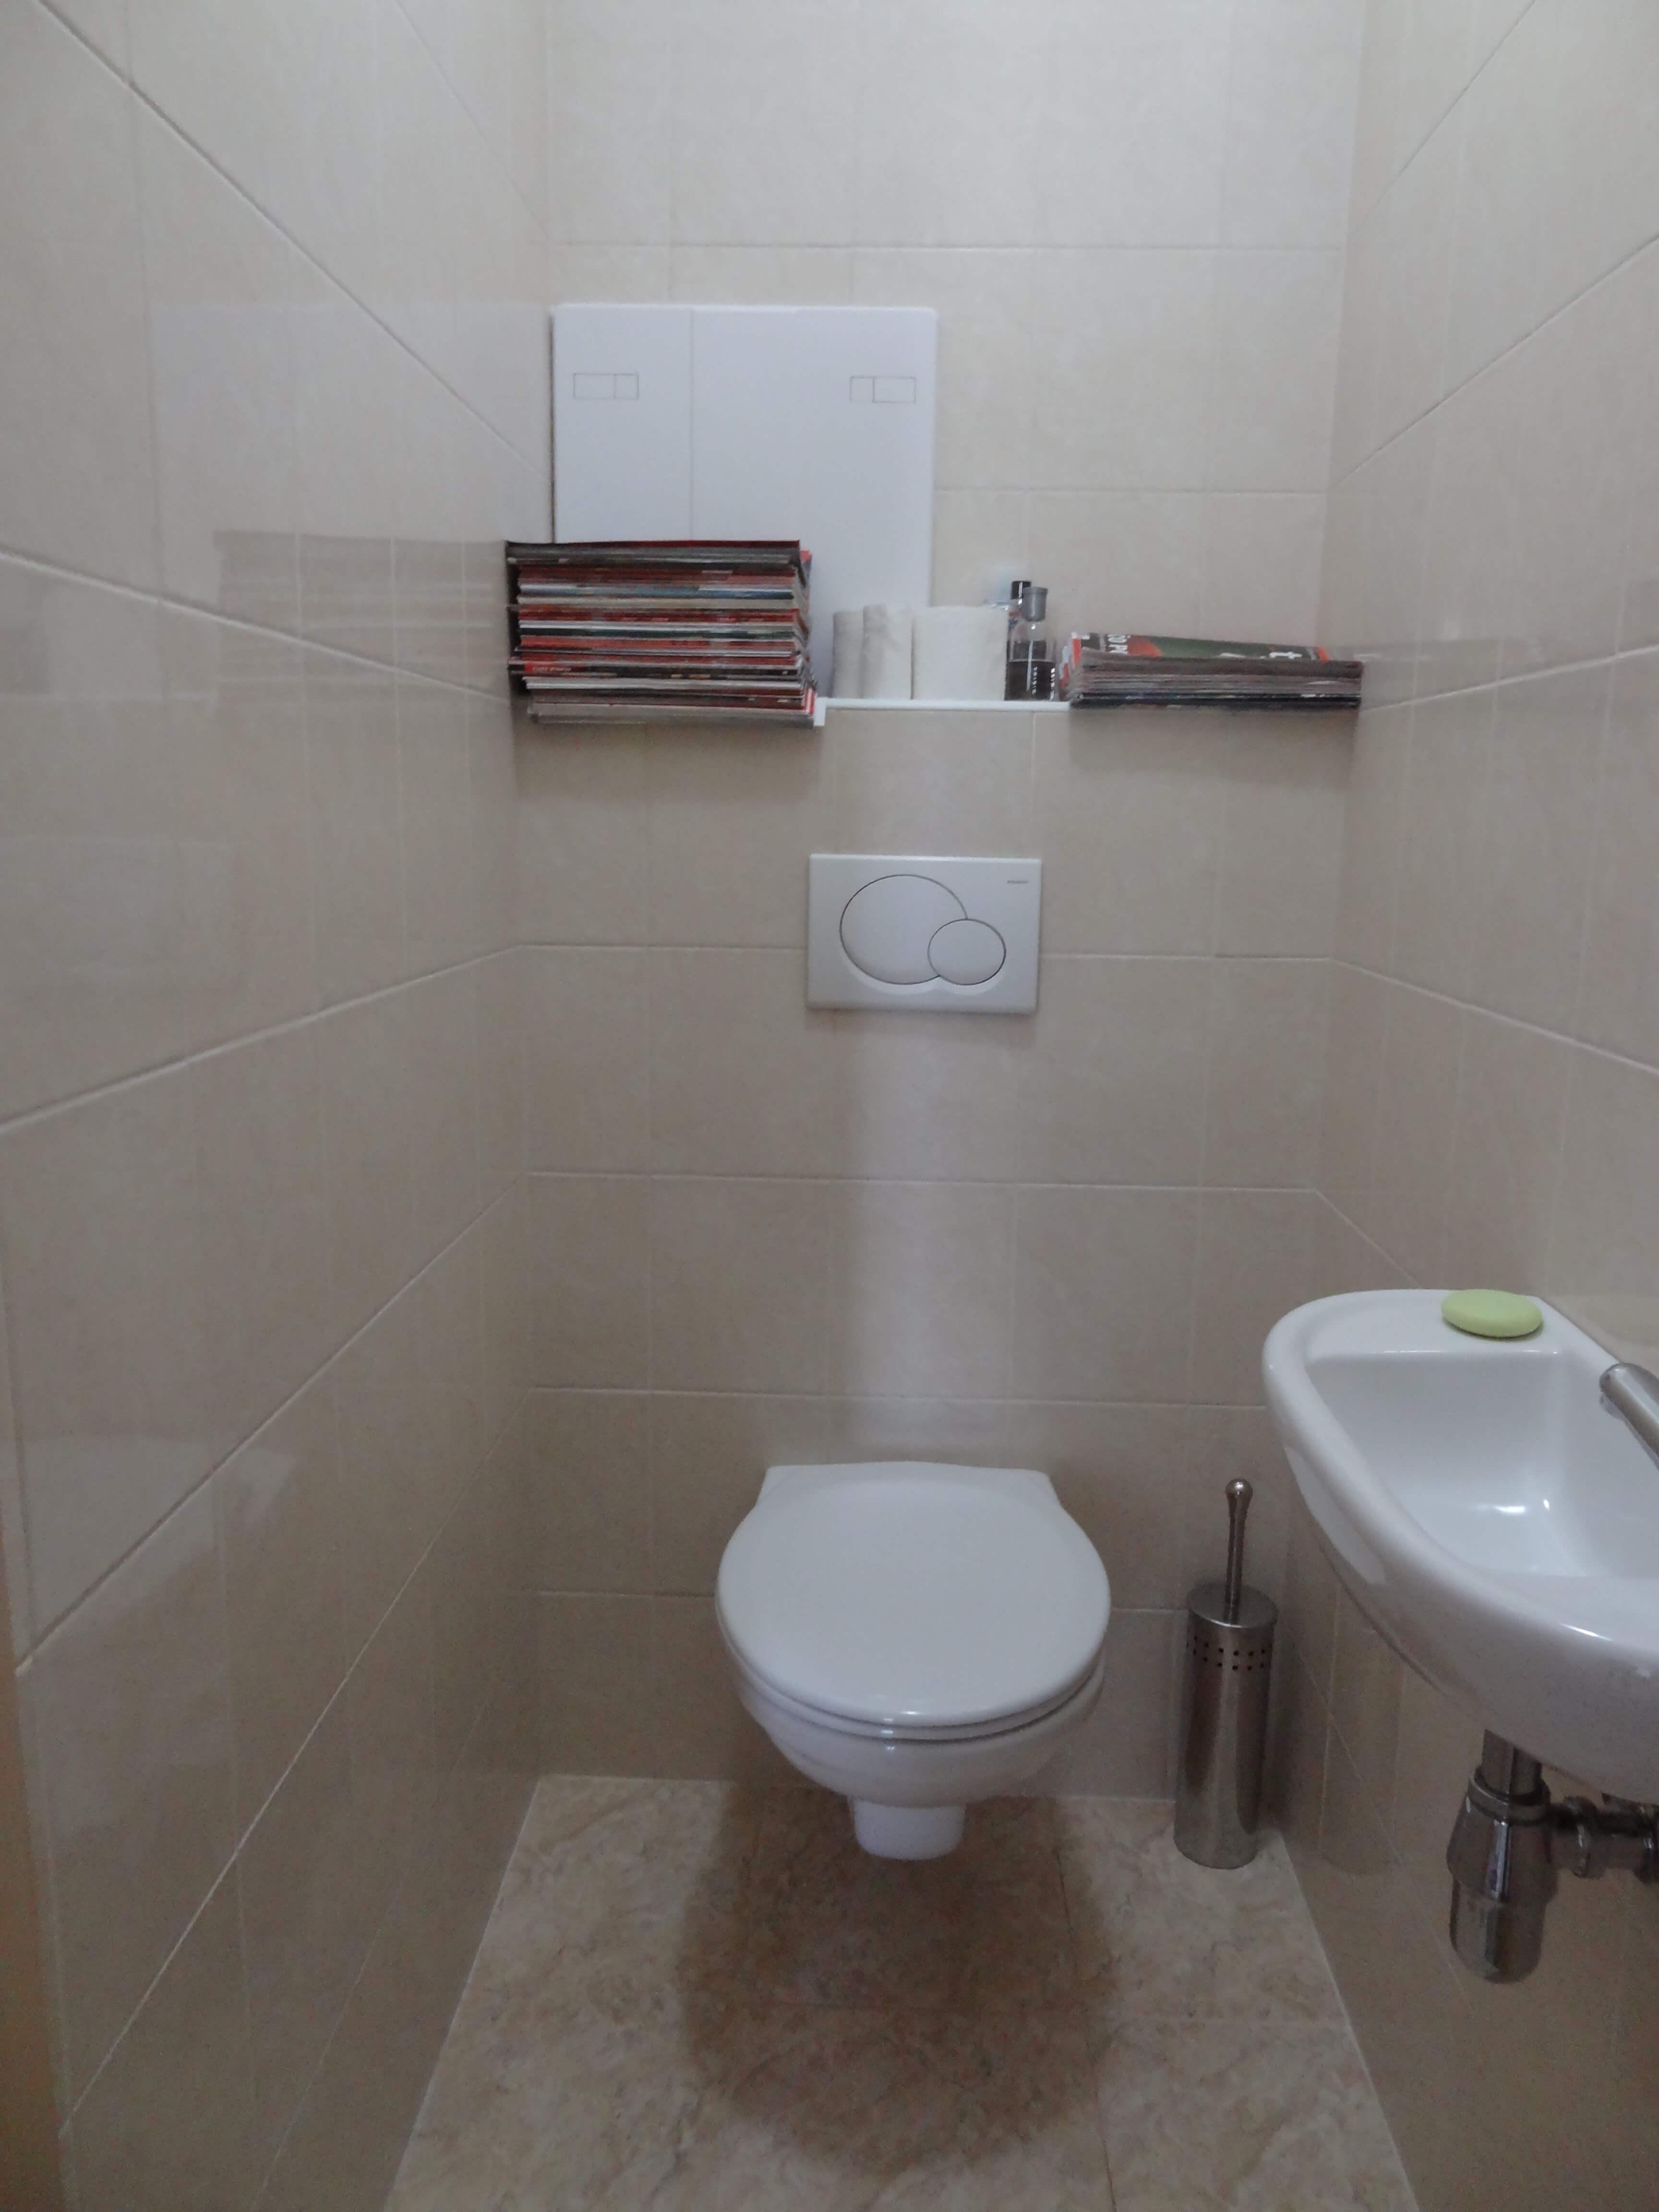 Predaný: Exkluzívne na predaj 3 Izbový byt v novostavbe, 87,2m2, loggia 7,4m2, Družstevná, Hamuliakovo-25